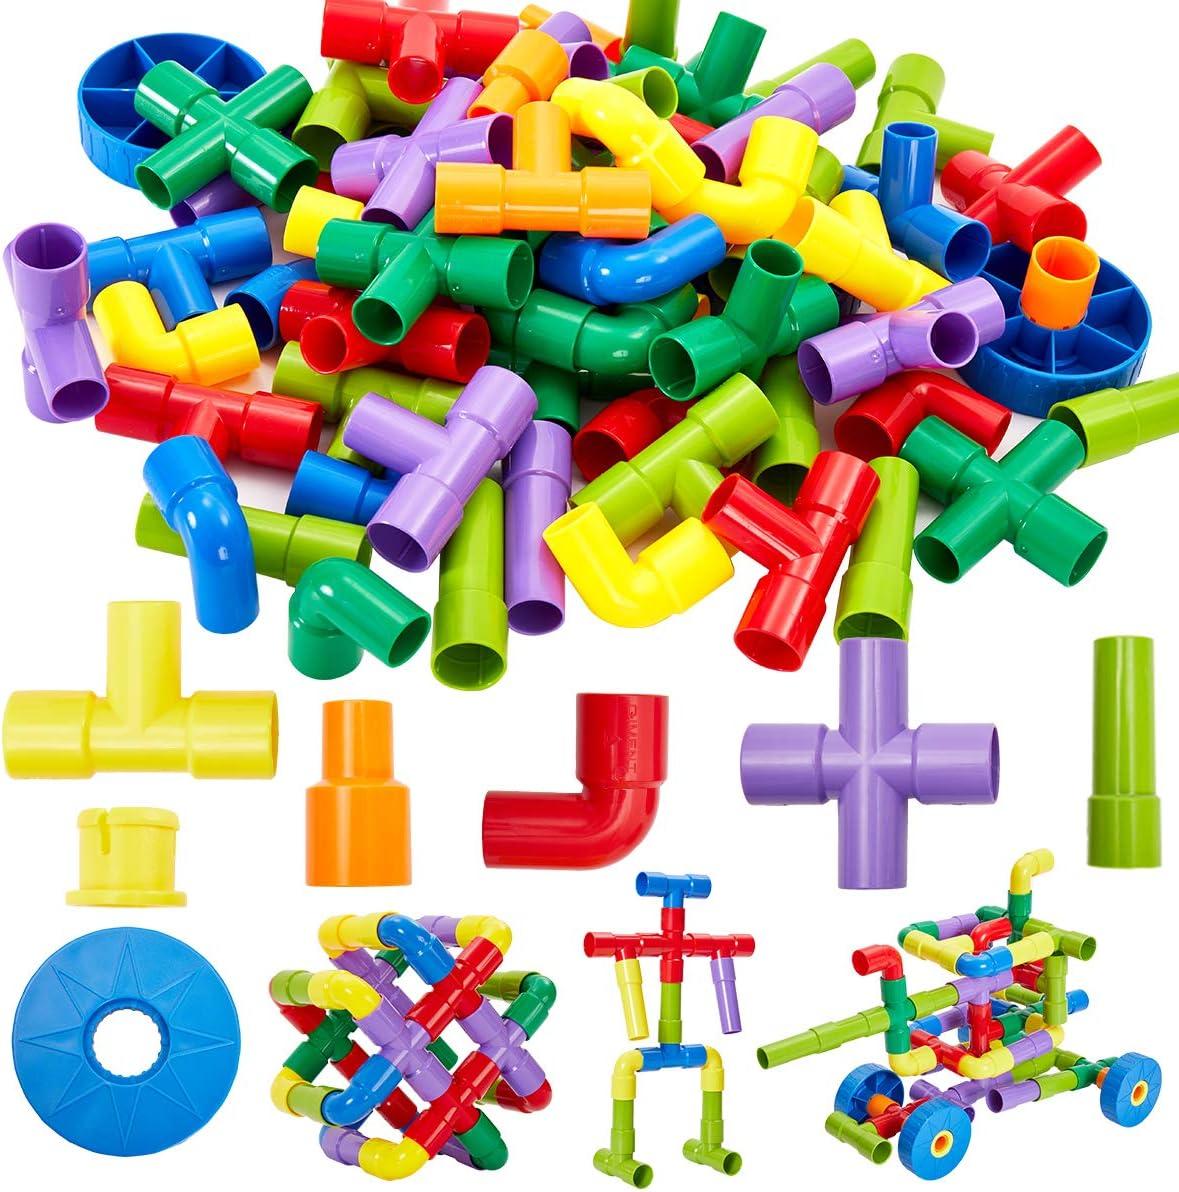 Onshine 72 piezas Puzzles Infantiles 3 años Bloques de Construcción Juguetes Educativos